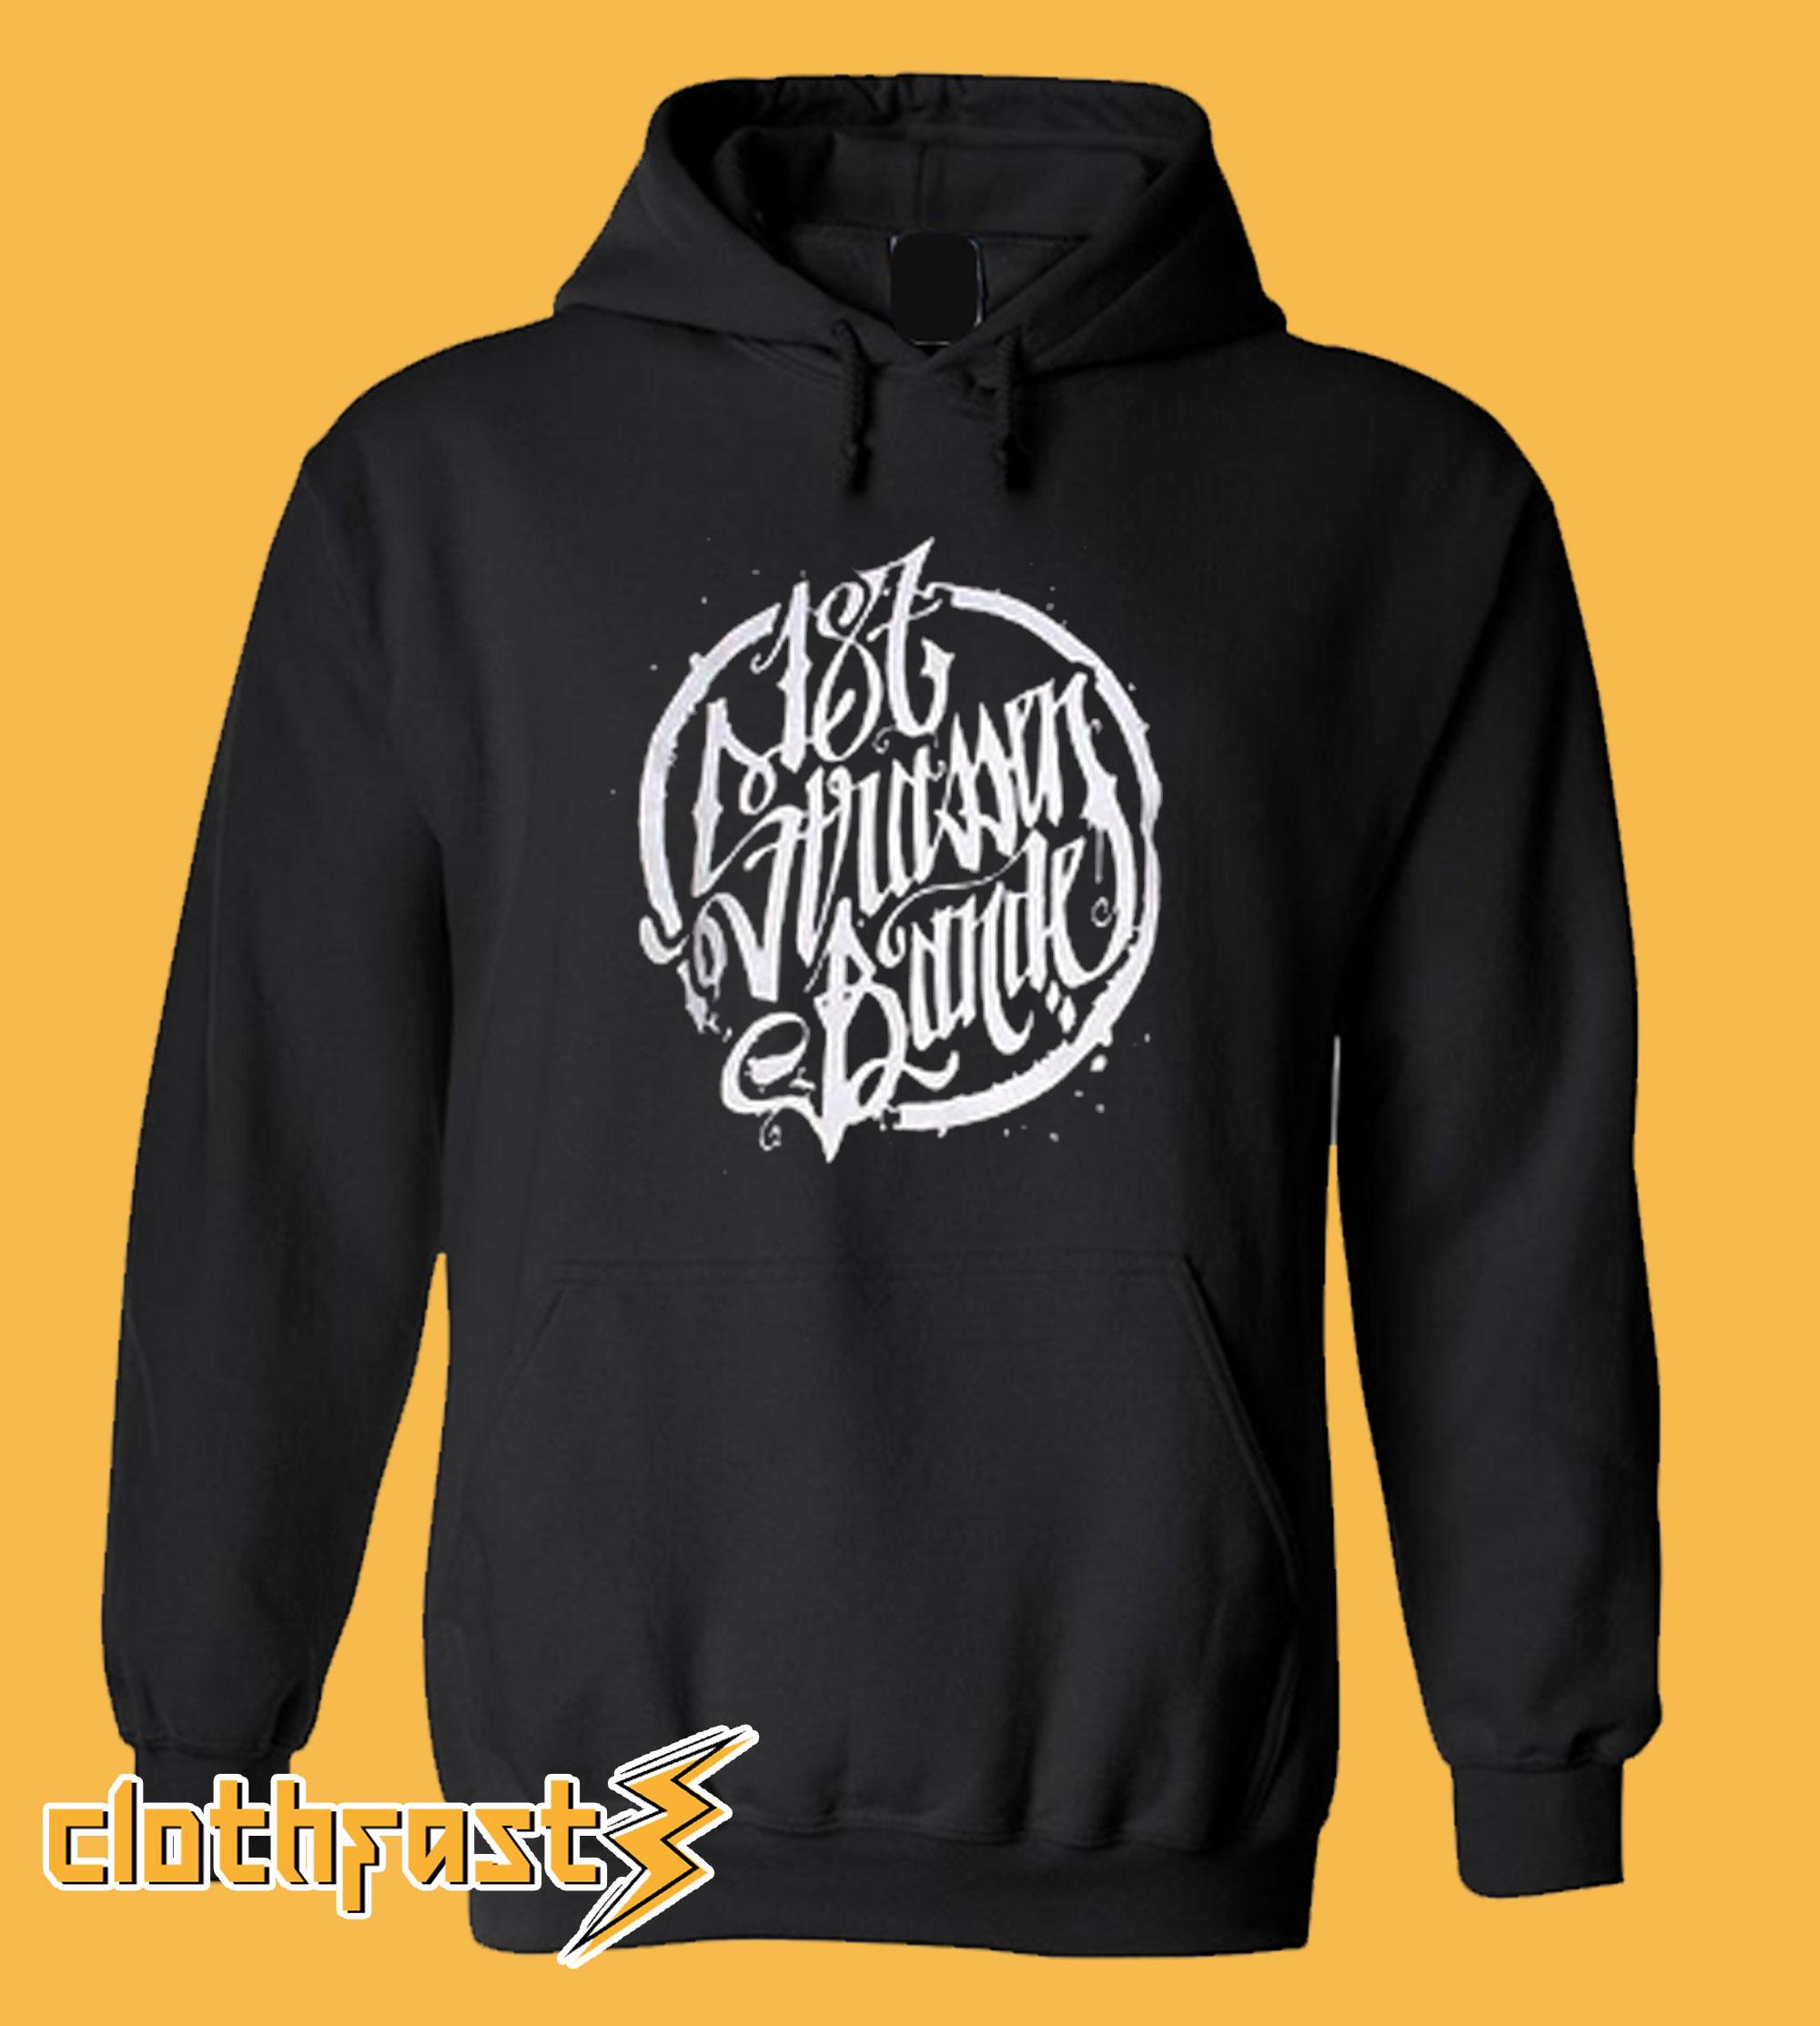 187 Strassenbande hoodie